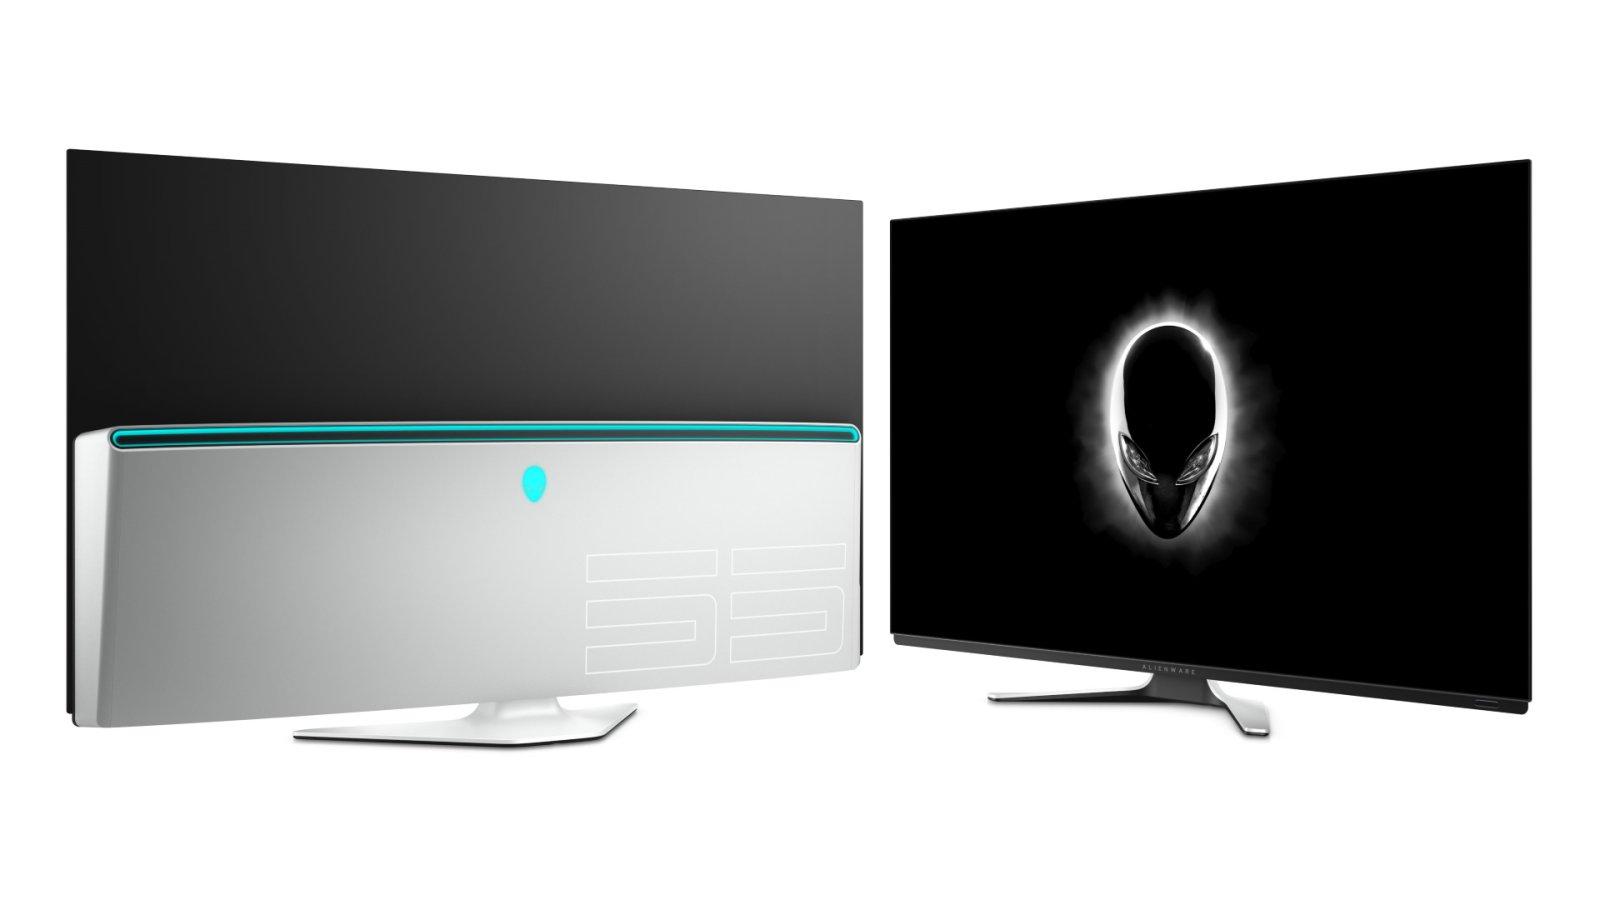 戴尔及ALIENWARE于京东首发全新54.6英寸OLED游戏显示器AW5520QF